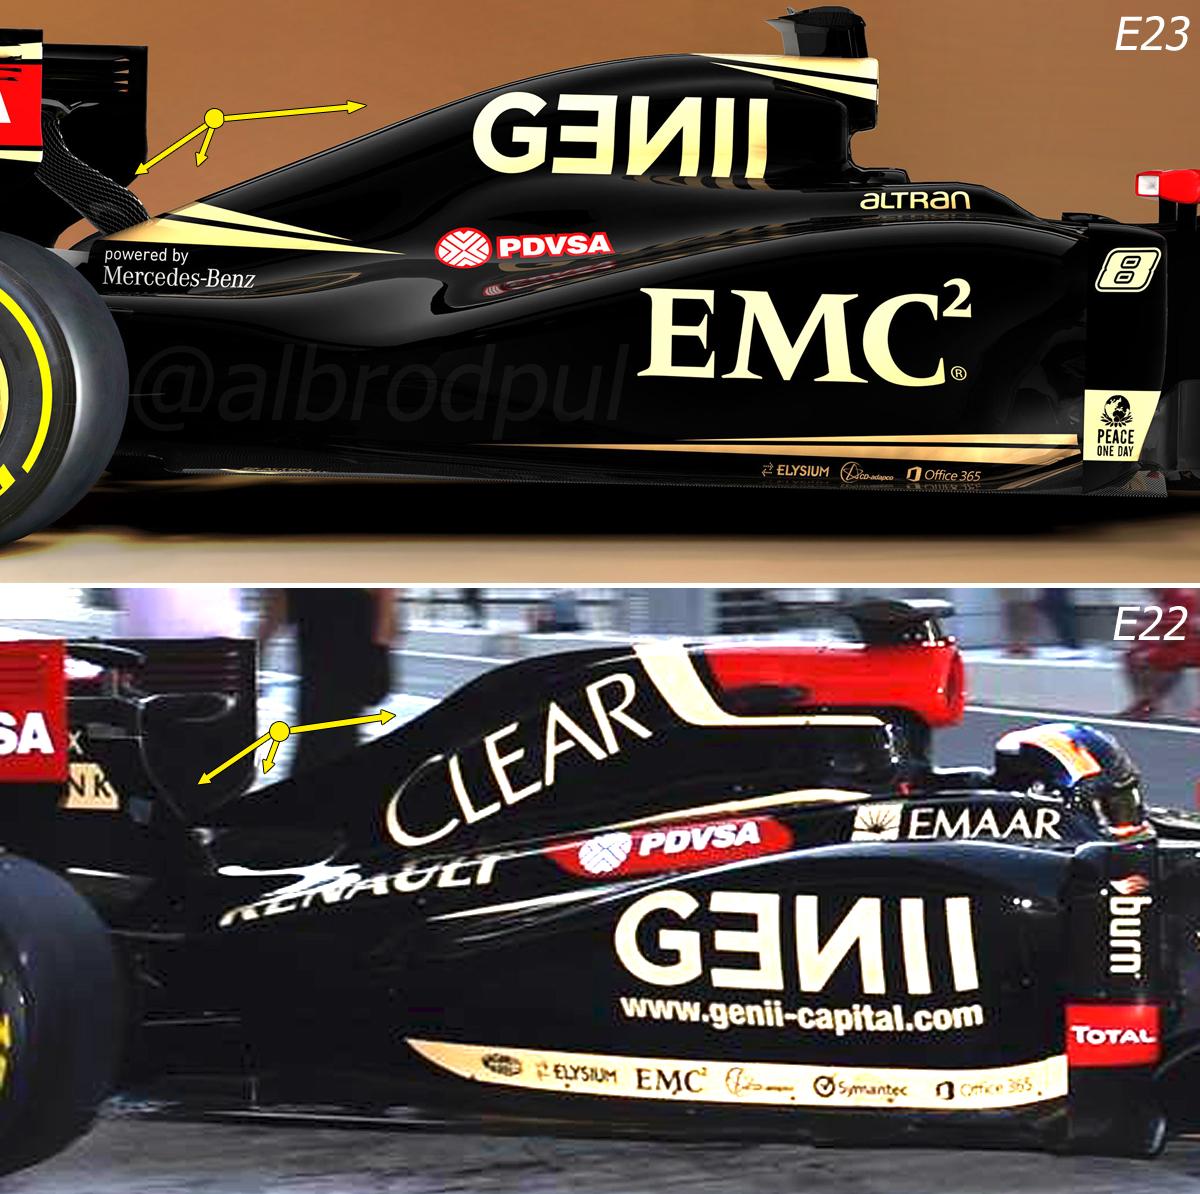 e23-cover-engine